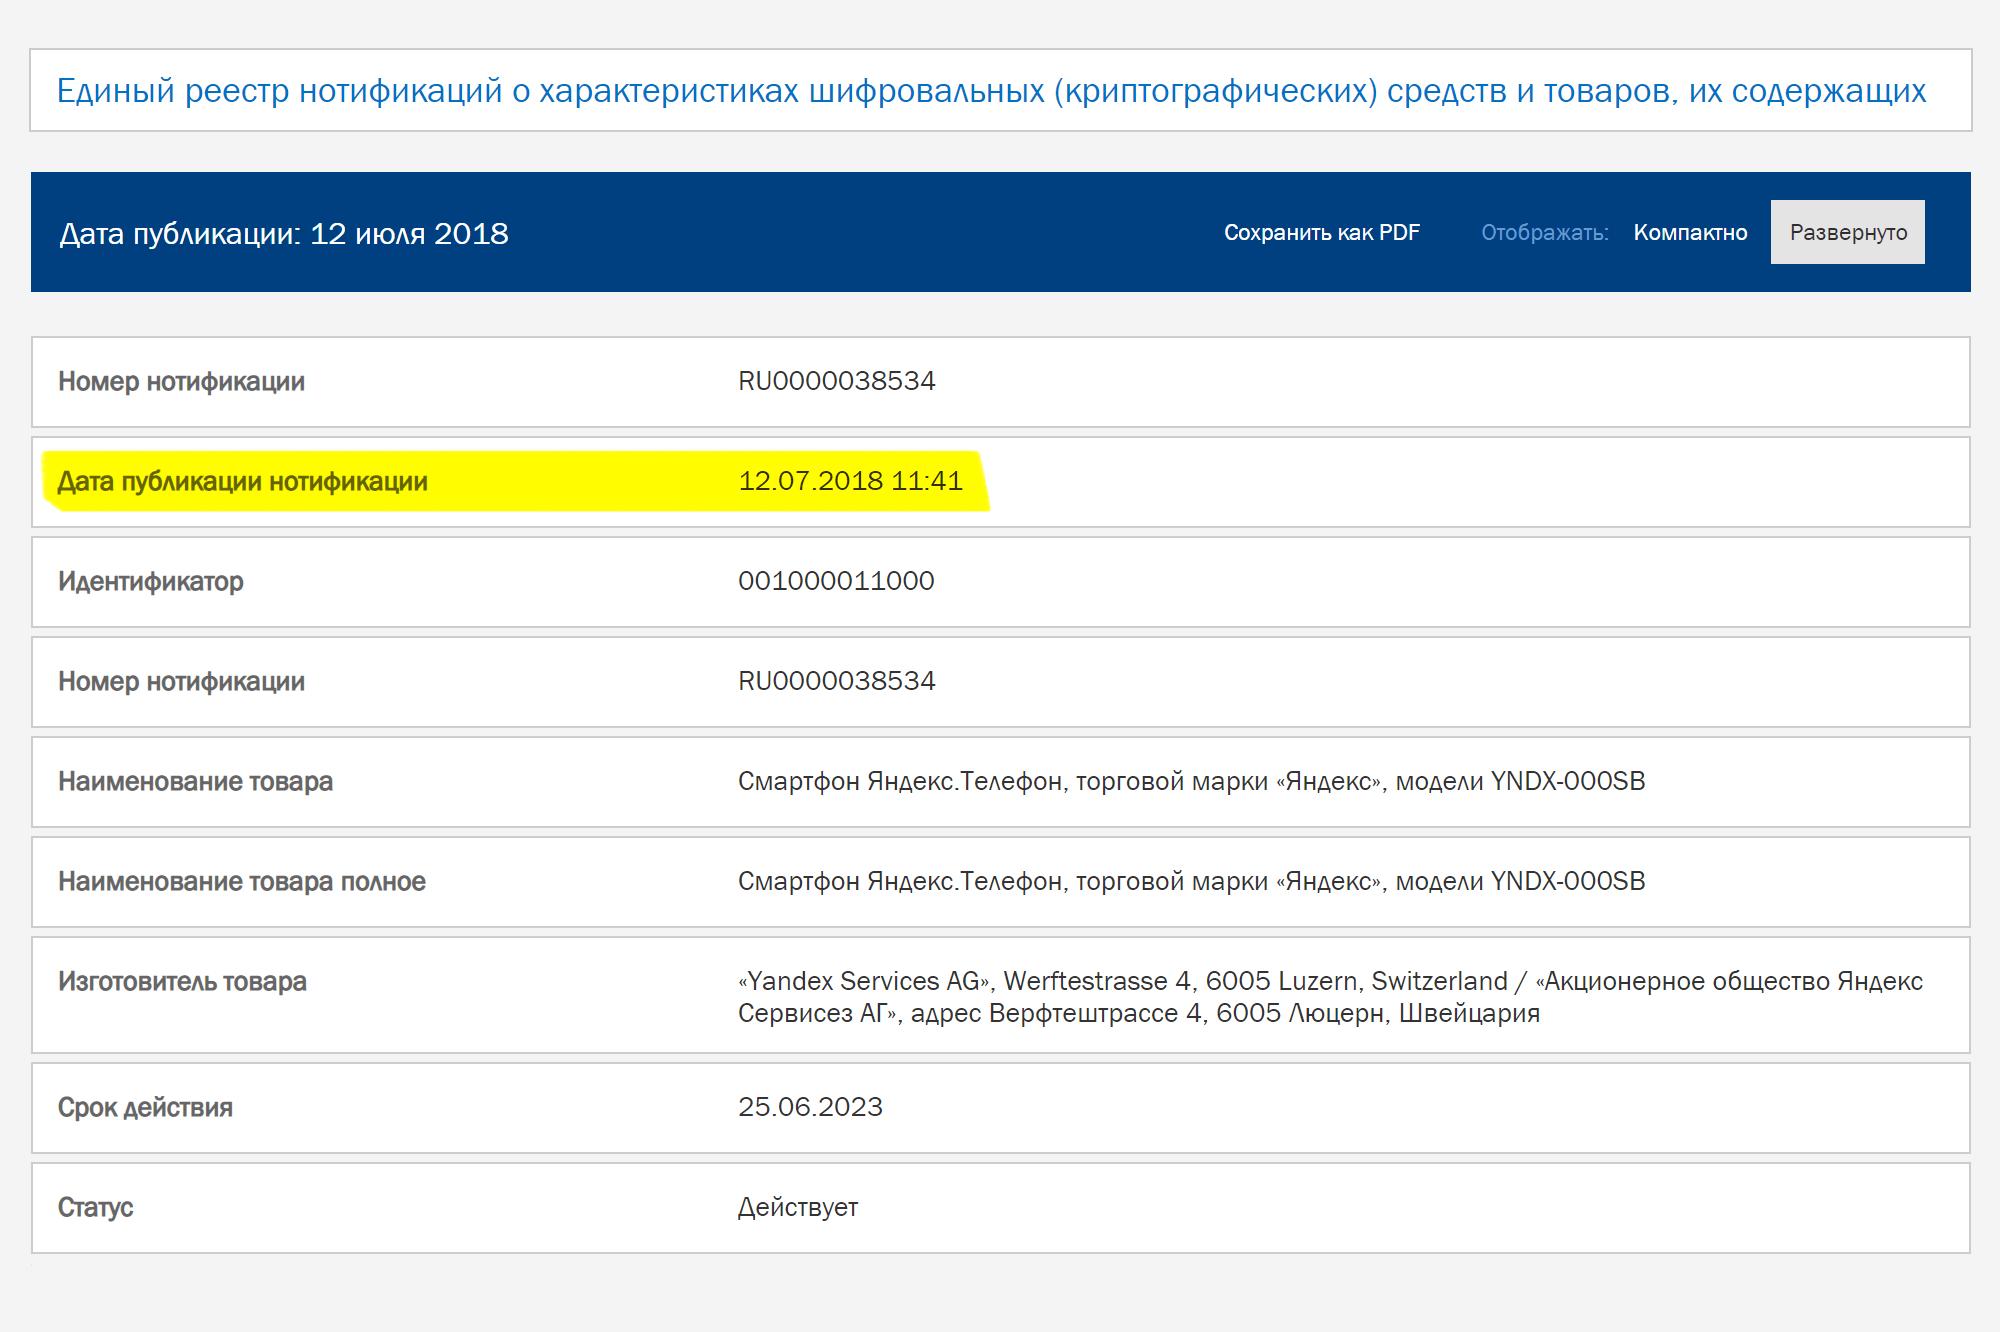 Смартфон Яндекс-телефон в реестре нотификаций с июля 2018 года. Значит, с этого момента аппарат можно свободно продавать и покупать в России